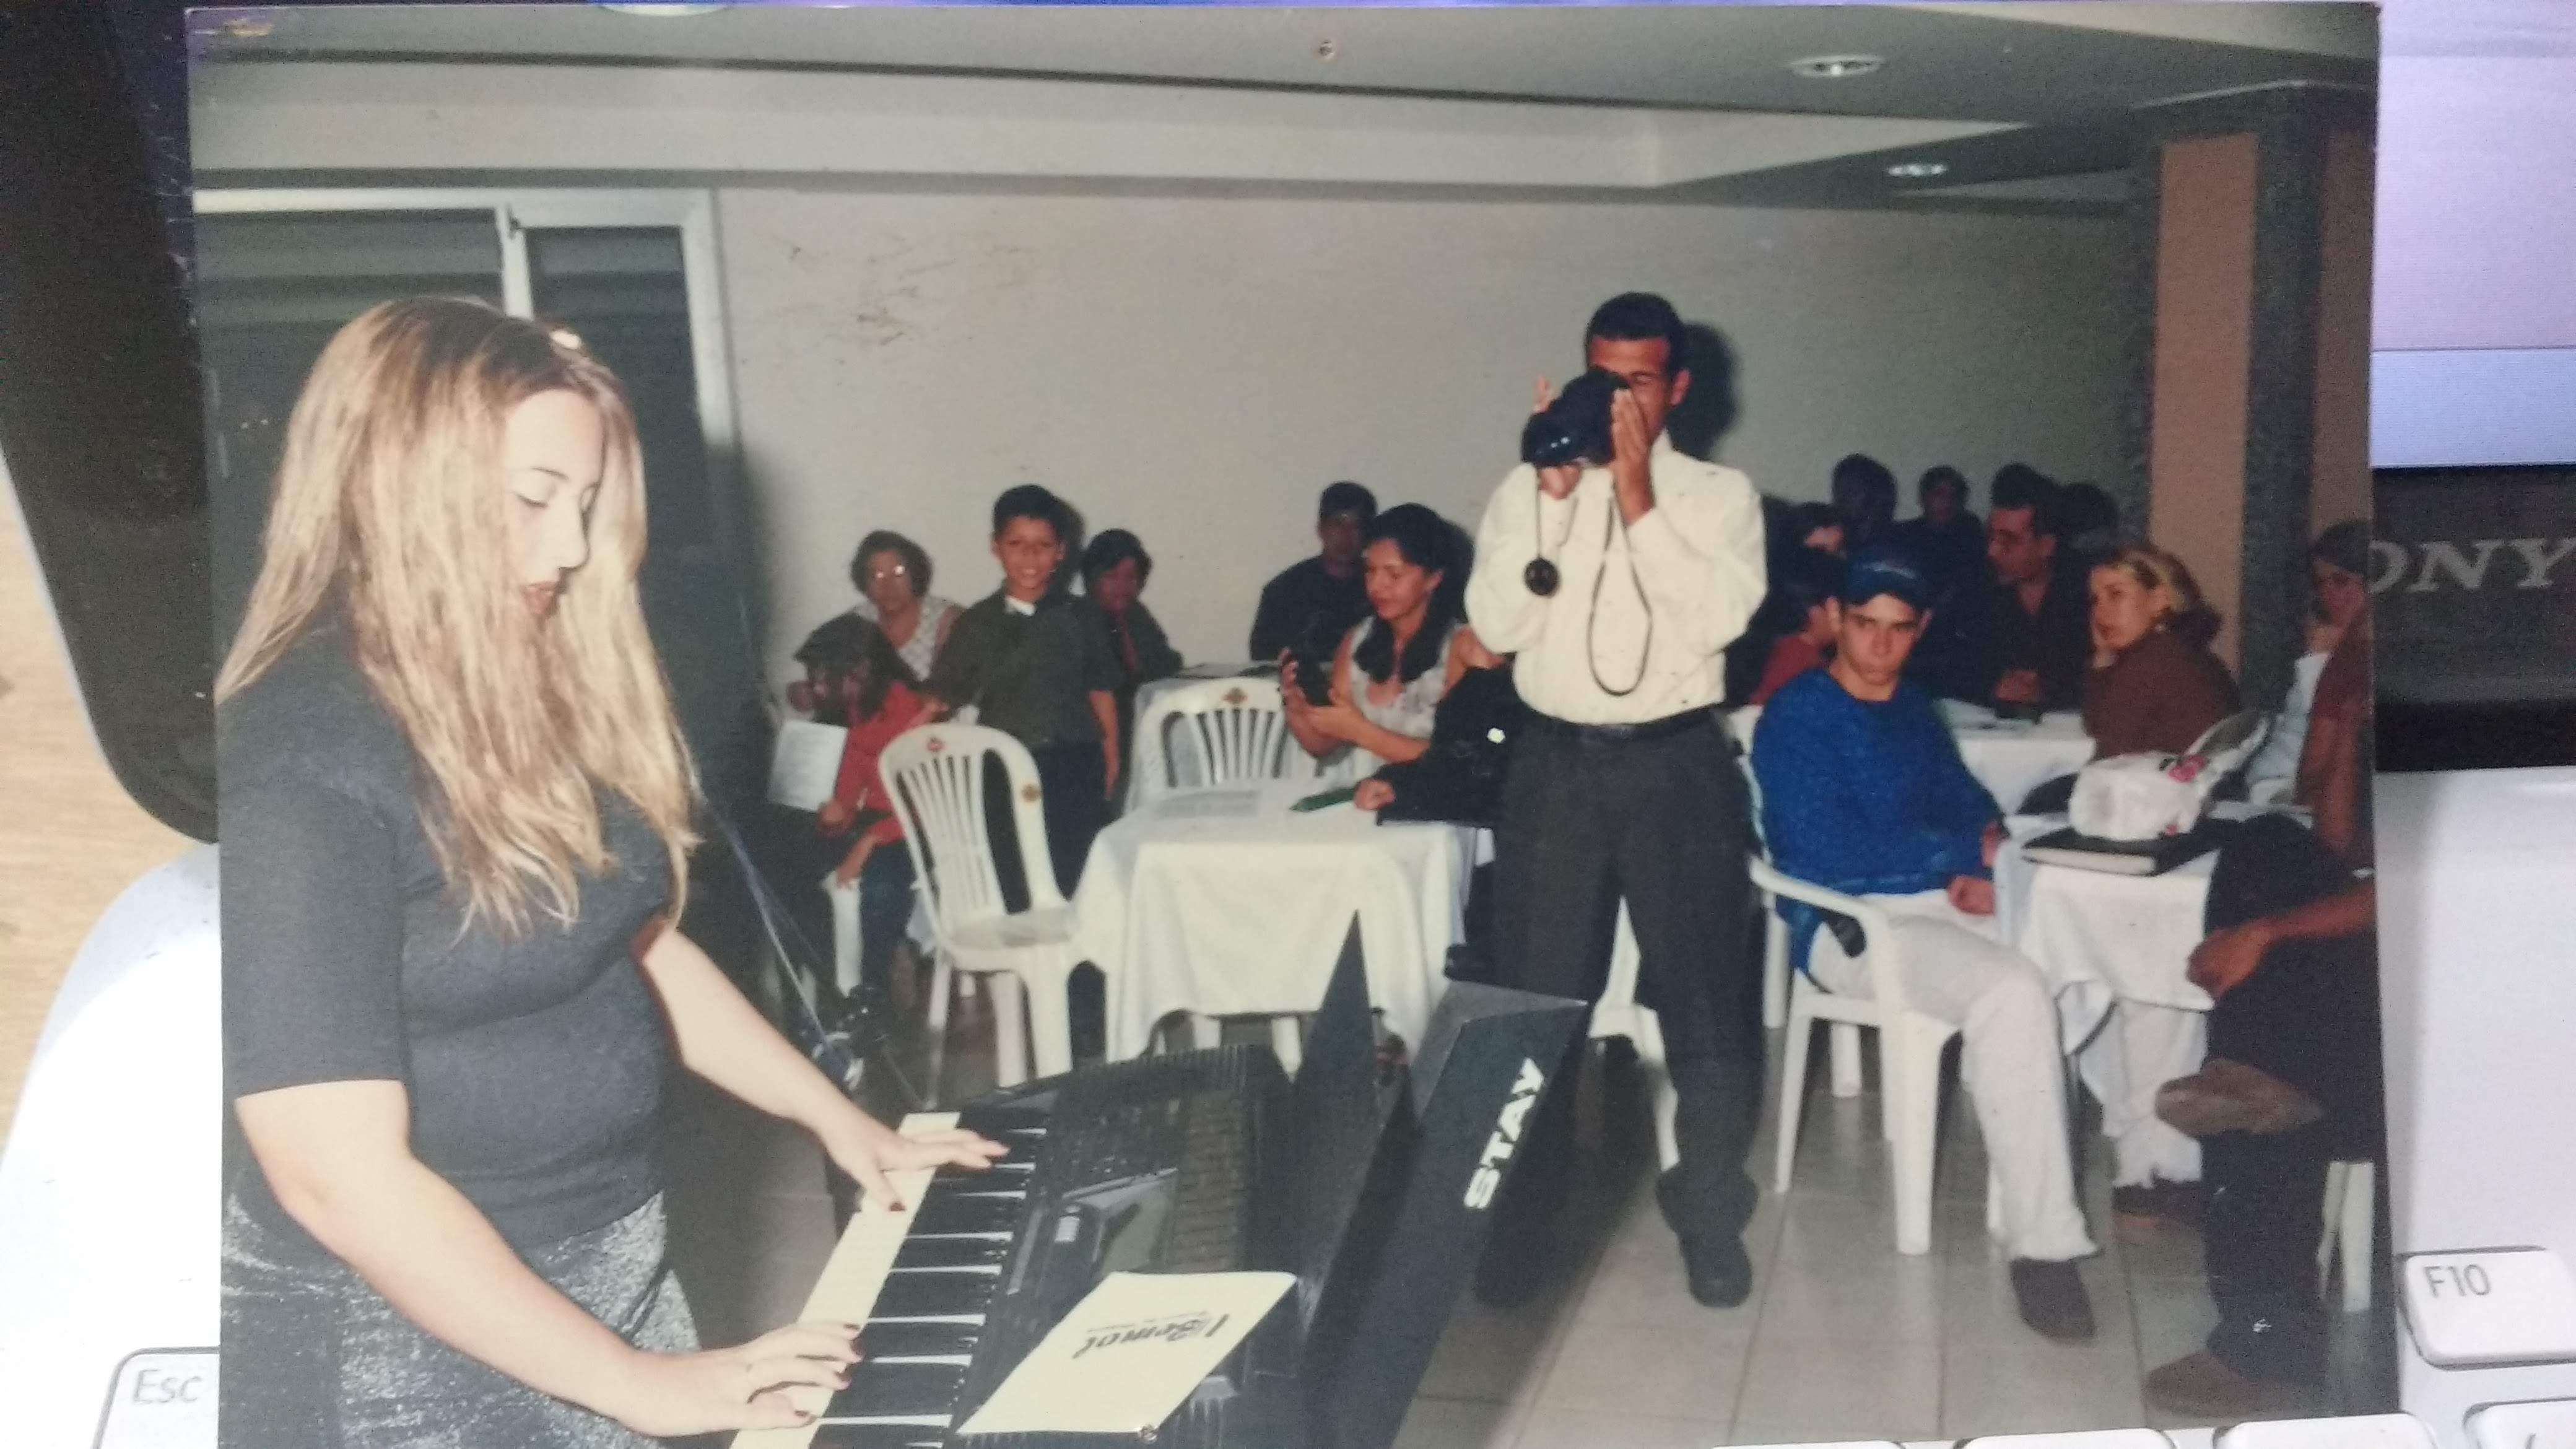 aula de teclado em juiz de fora, aula de musica em juiz de fora, aprender teclado, aprender piano, piano professor em jf, aprender a tocar piano, aprender a tocar teclado, @lucianetecladista,  professora de teclado, professora de piano, professor de musica em juiz de fora, professora de musica em juiz de fora,   professora de teclado curso de teclado professora Luciane Borges @lucianetecladista #escolademusicabemol